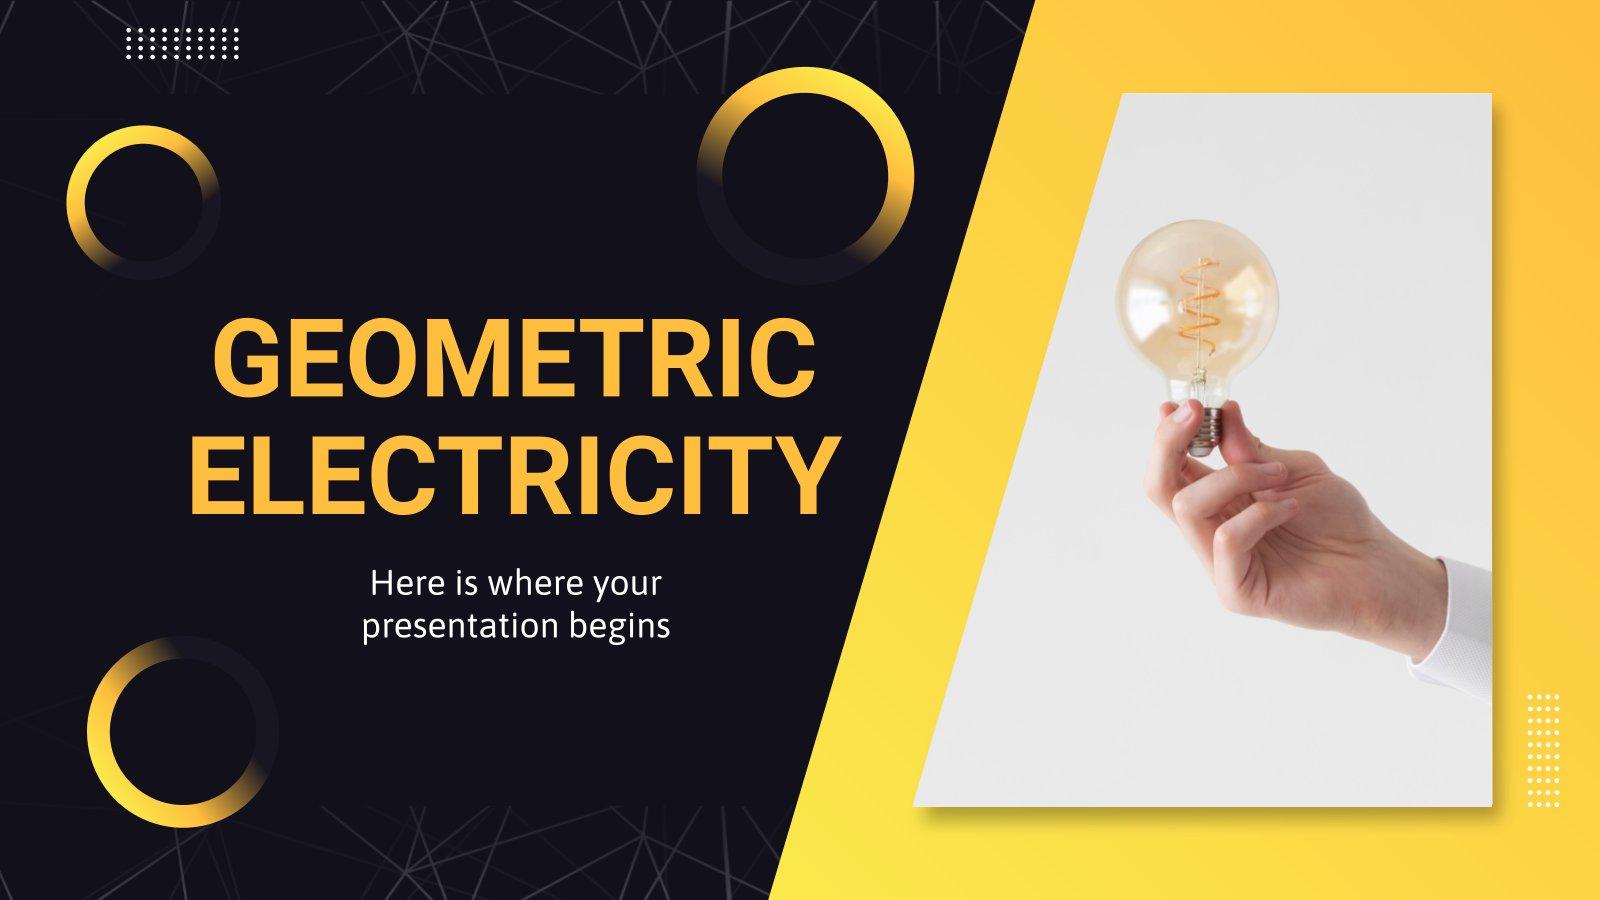 Électricité géométrique : Modèles de présentation